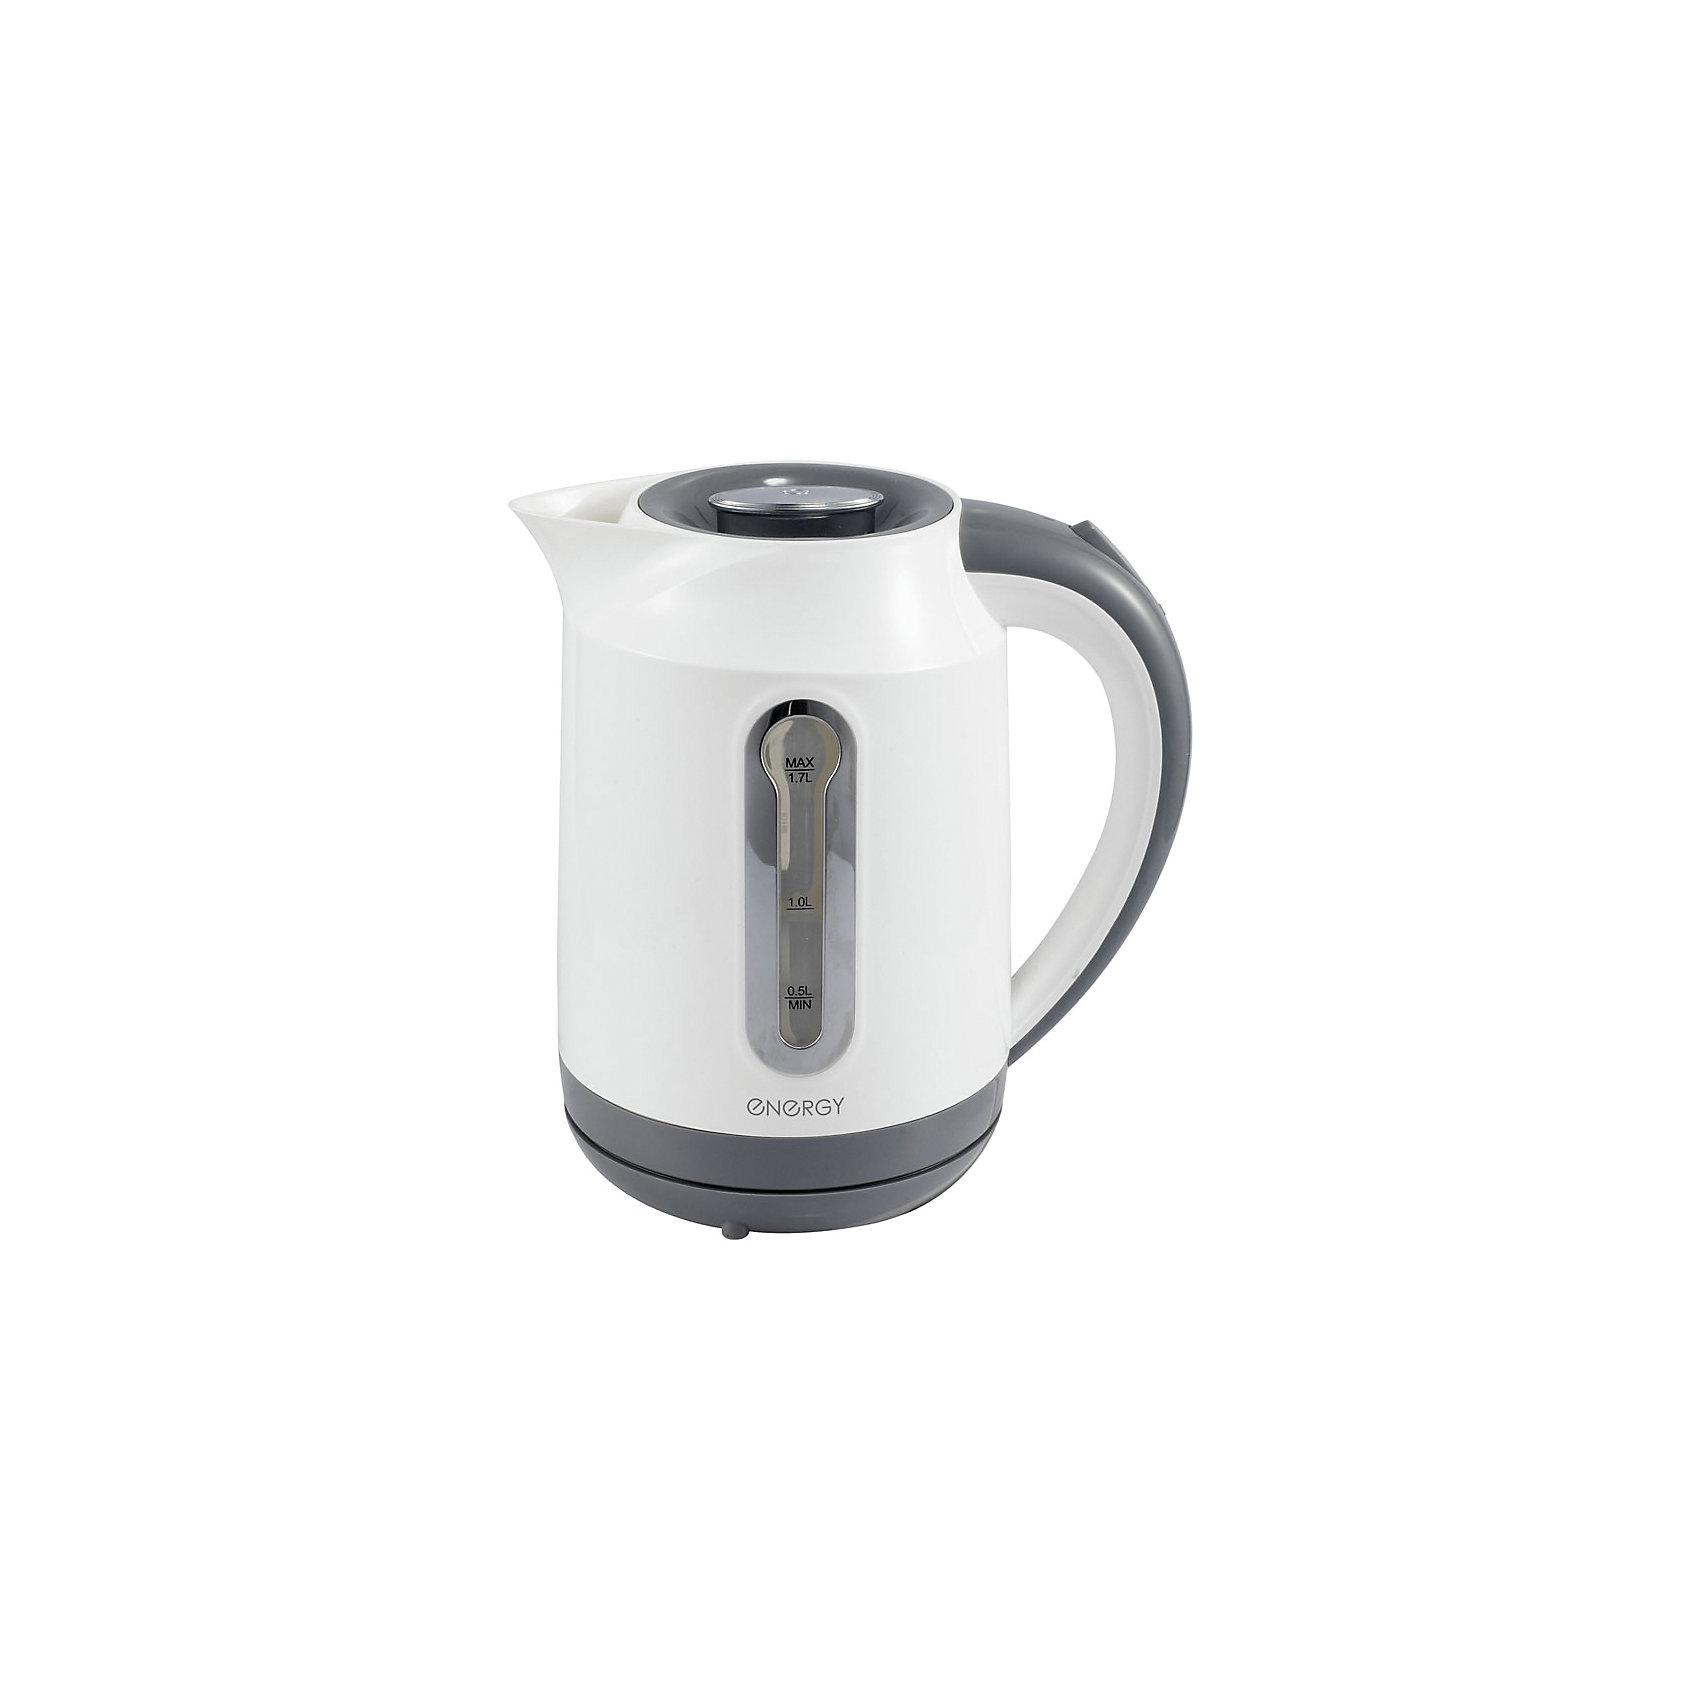 Чайник E-210 (1,7 л, диск), Energy, белыйБытовая техника для кухни<br>Электрический чайник Energy дает возможность быстро вскипятить воду. Чайник оборудован специальным нагревательным элементом, который закрыт и безопасен, есть автоматический выключатель. Световой индикатор работы показывает, когда чайник включен. Имеется внутренняя подсветка. Фильтр чайника можно снять и почистить. Предусмотрена защита во время работы без воды. Шнур прячется в выемку на дне подставки. Чайник на подставке можно поворачивать на 360о. Шкала уровня воды находится на внешней стороне чайника, нанесена на прозрачное пластиковое окошко.<br><br>Дополнительная информация:<br><br>Размер чайника: 22х22х16,5 см<br>Объем чайника: 1,7 л<br><br>Материал: пластик, металл, кабель<br><br>Мощность: 1850-2200Вт<br>Напряжение: 220-240В, 50/60Гц<br> <br>Чайник E-210 (1,7 л, диск), Energy, белый можно купить в нашем интернет-магазине.<br><br>Ширина мм: 220<br>Глубина мм: 170<br>Высота мм: 220<br>Вес г: 1088<br>Возраст от месяцев: 216<br>Возраст до месяцев: 1080<br>Пол: Унисекс<br>Возраст: Детский<br>SKU: 4989884